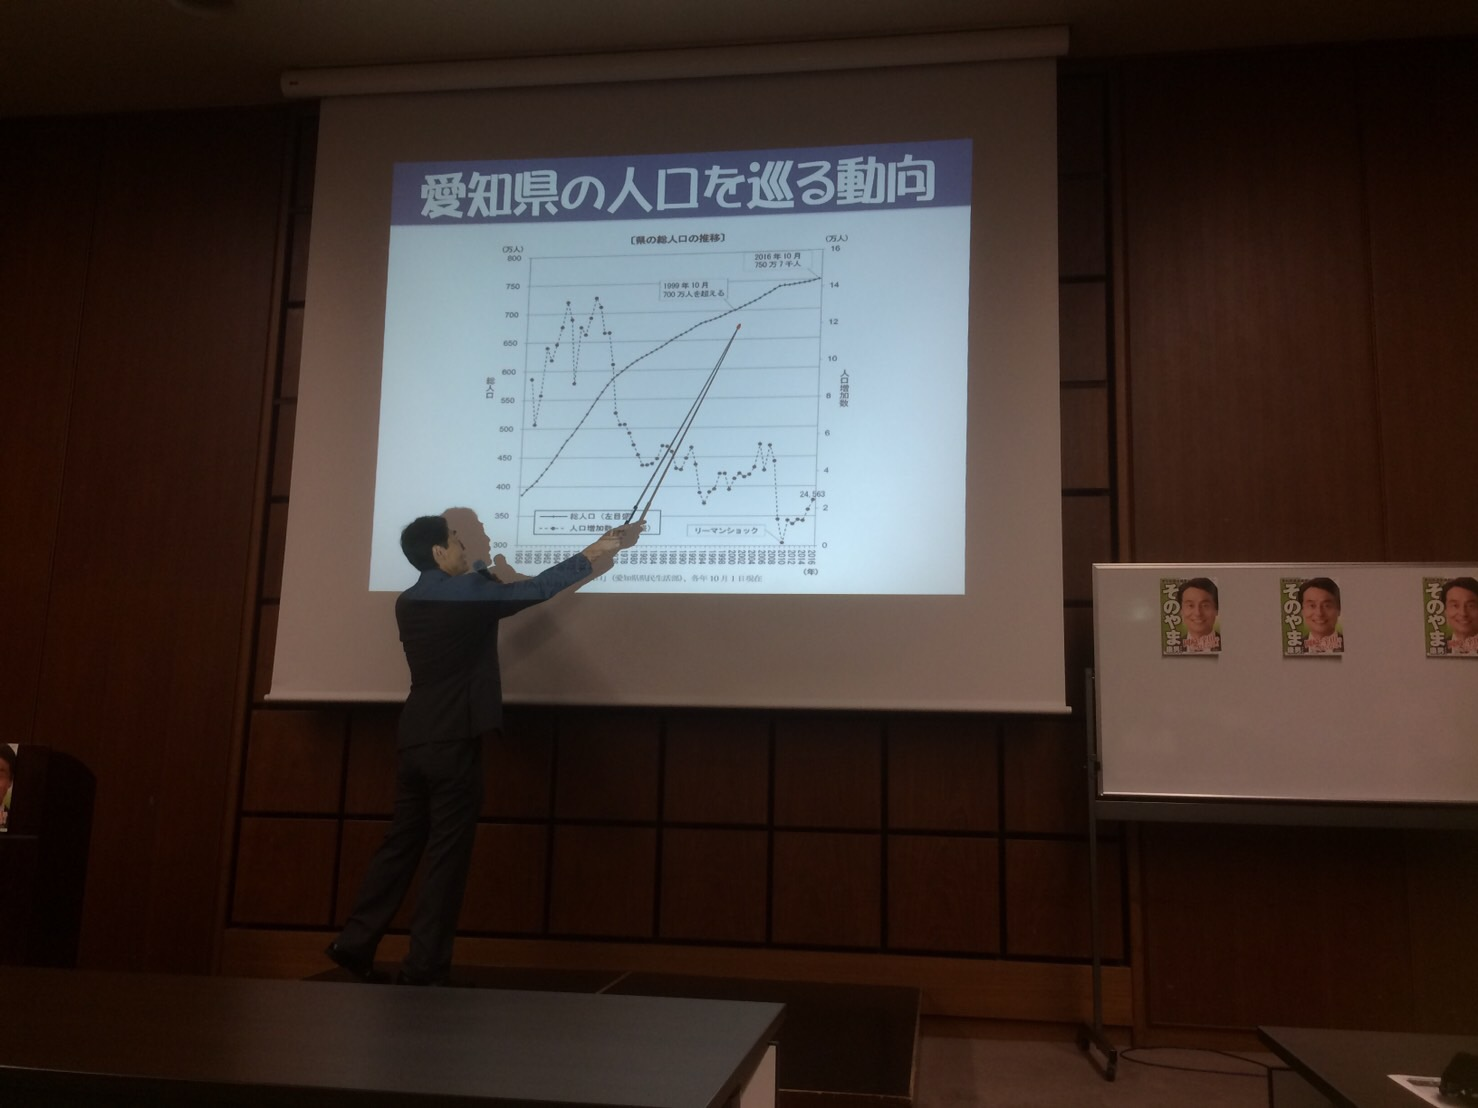 曜日 午前中での開催でしたが予想以上の来場者に感謝を申し上げます。愛知県岡崎市のこれからの施策を中心に私の考えを語らせていただきました。最後までご清聴ありがとうございます!